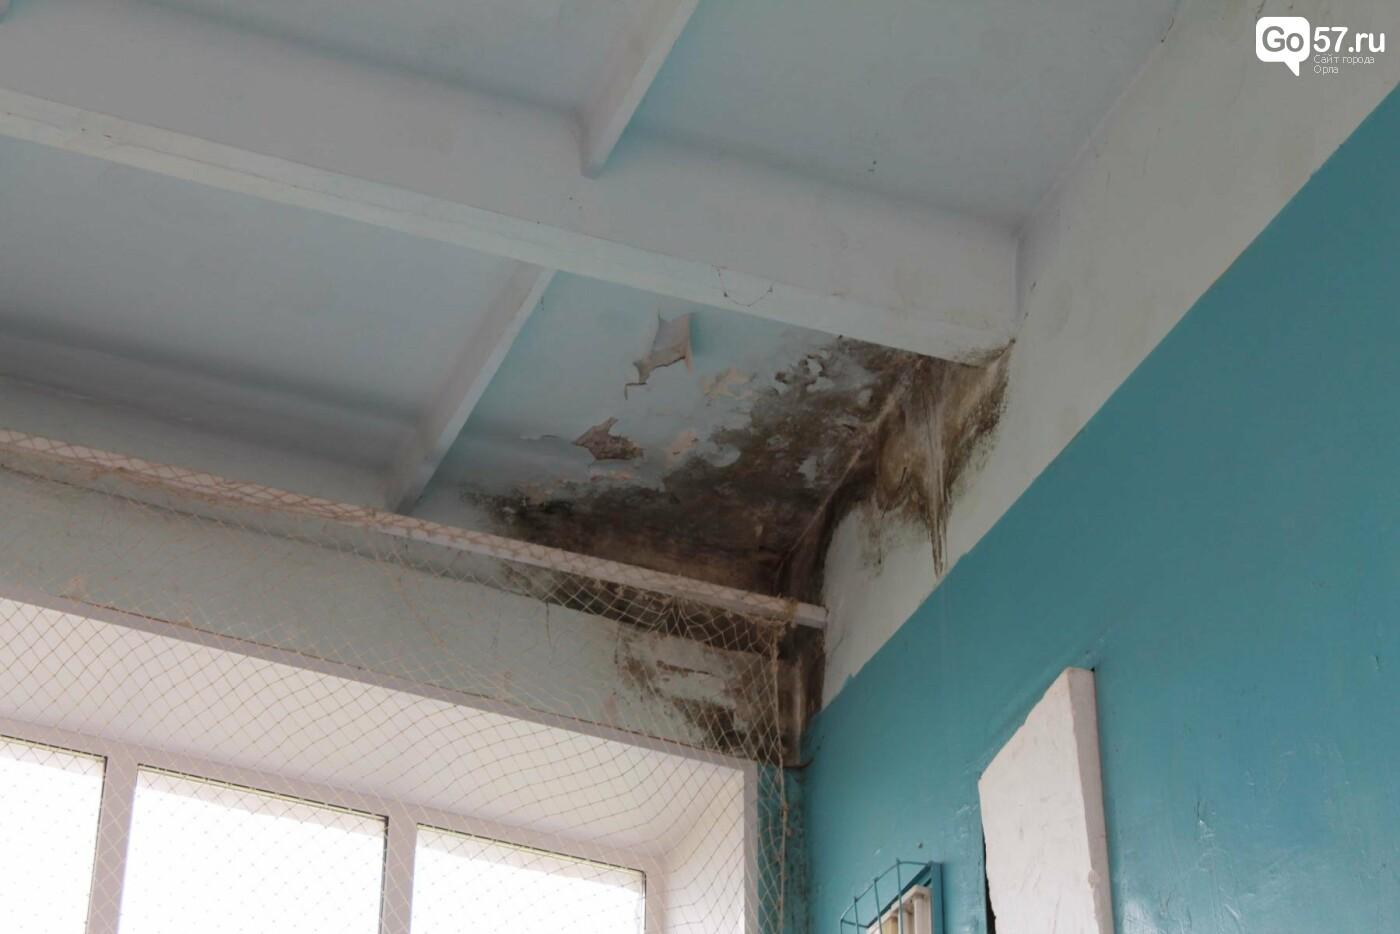 В орловской школе уже несколько лет протекает крыша, фото-3